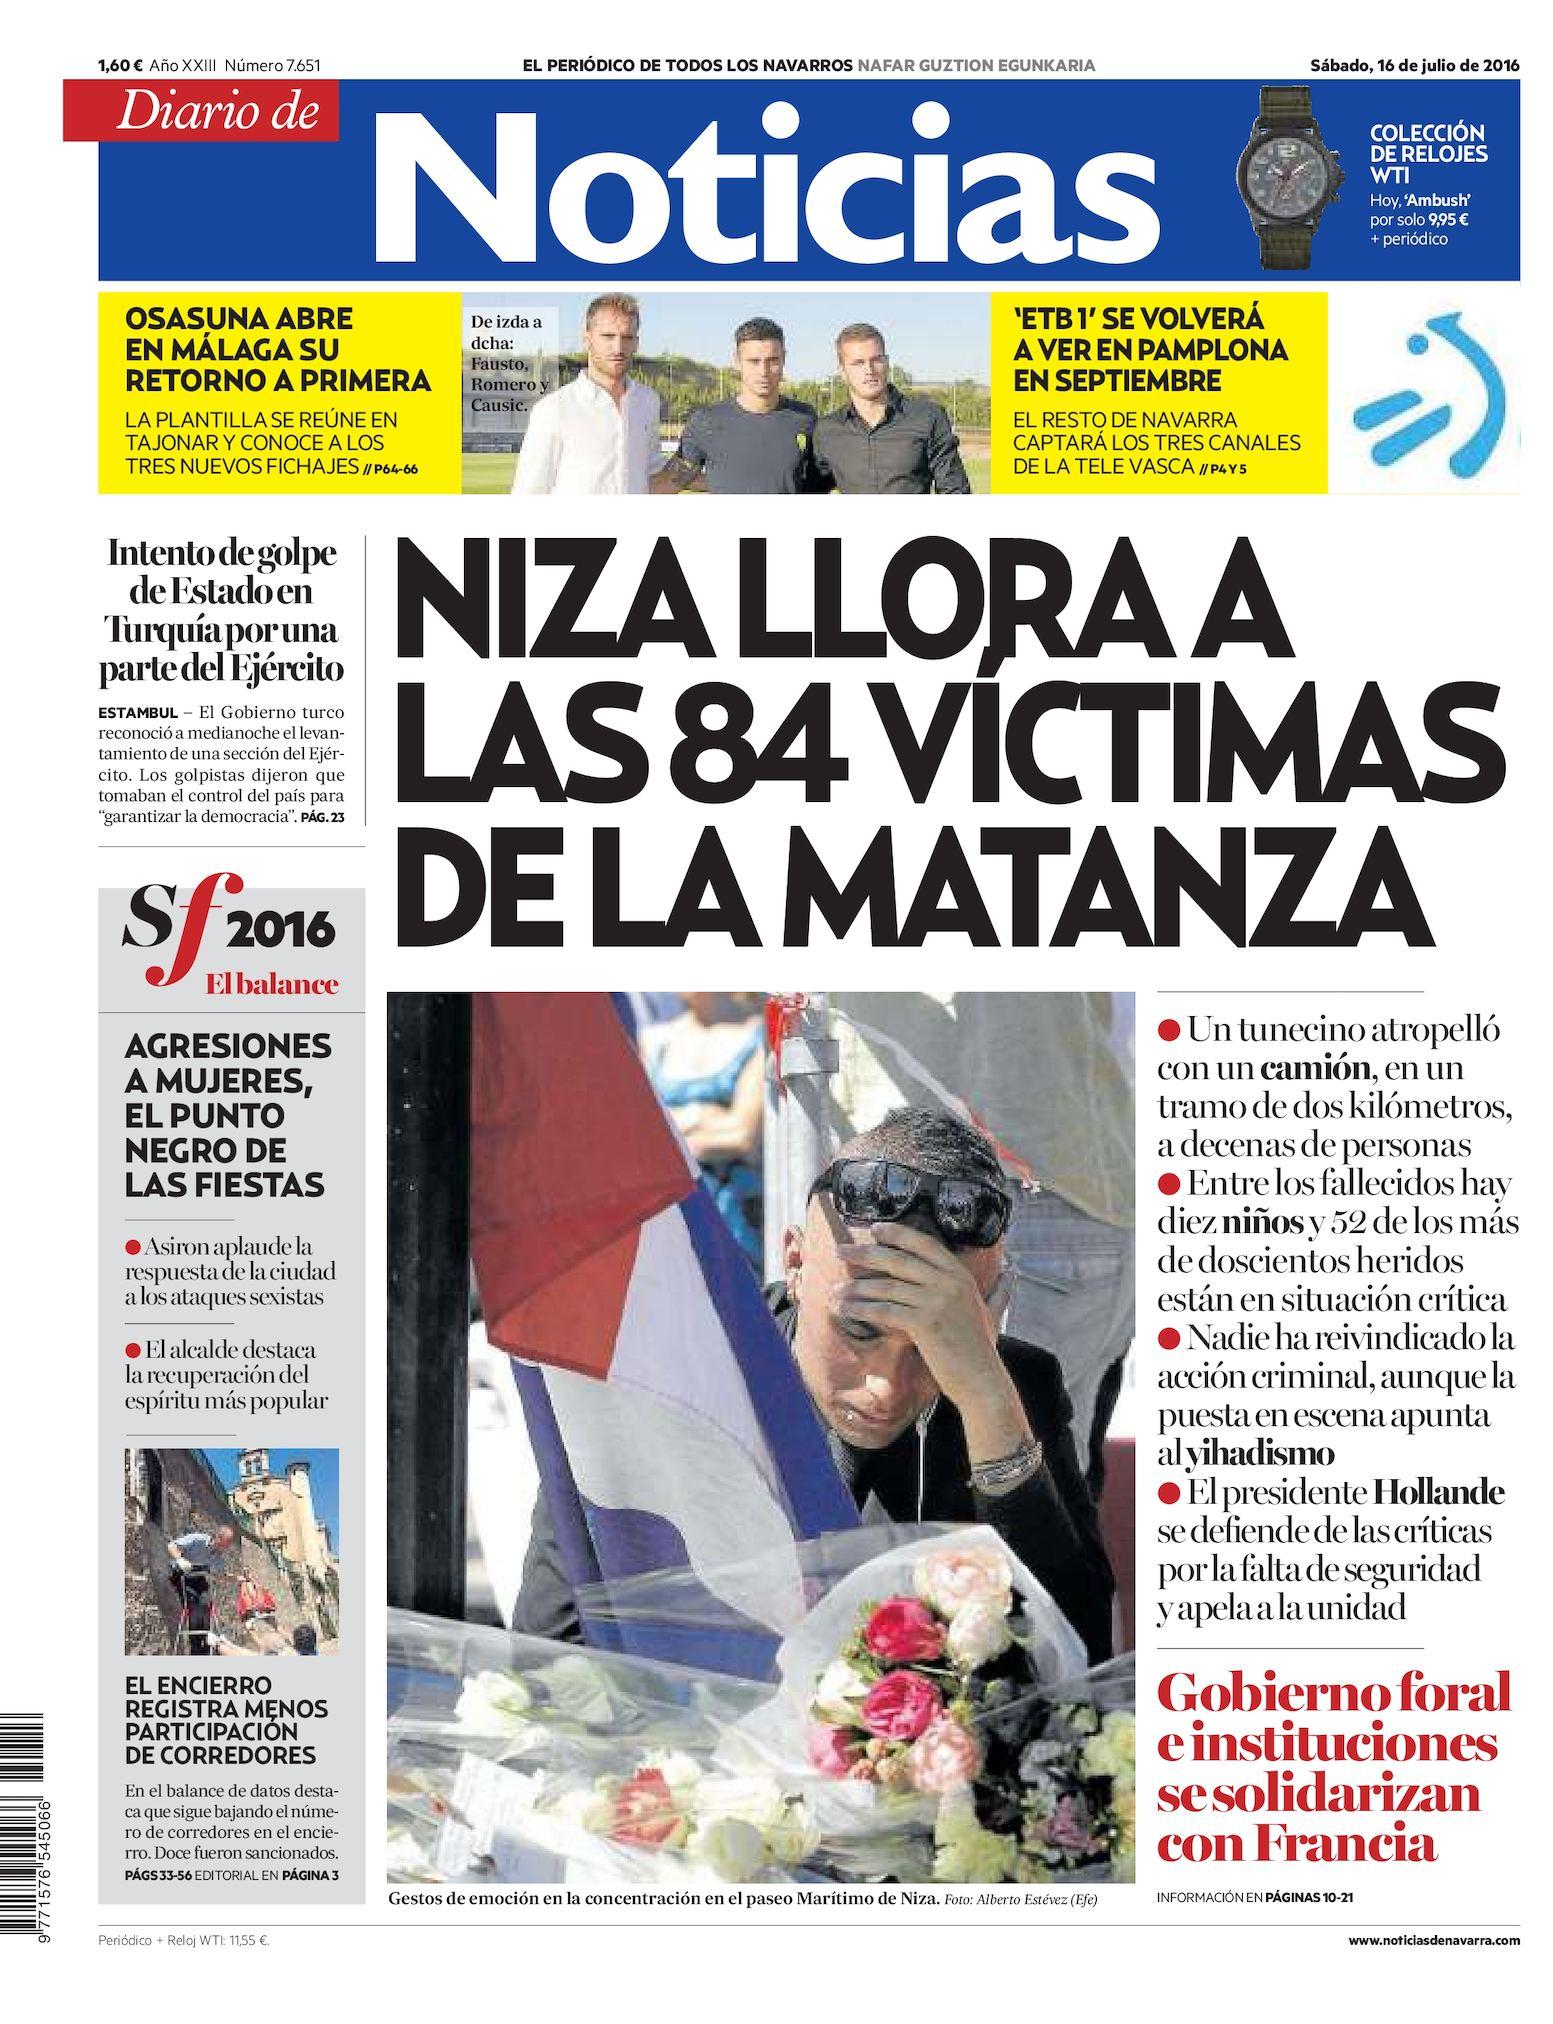 Calaméo - Diario de Noticias 20160716 73b031dfb1ab9